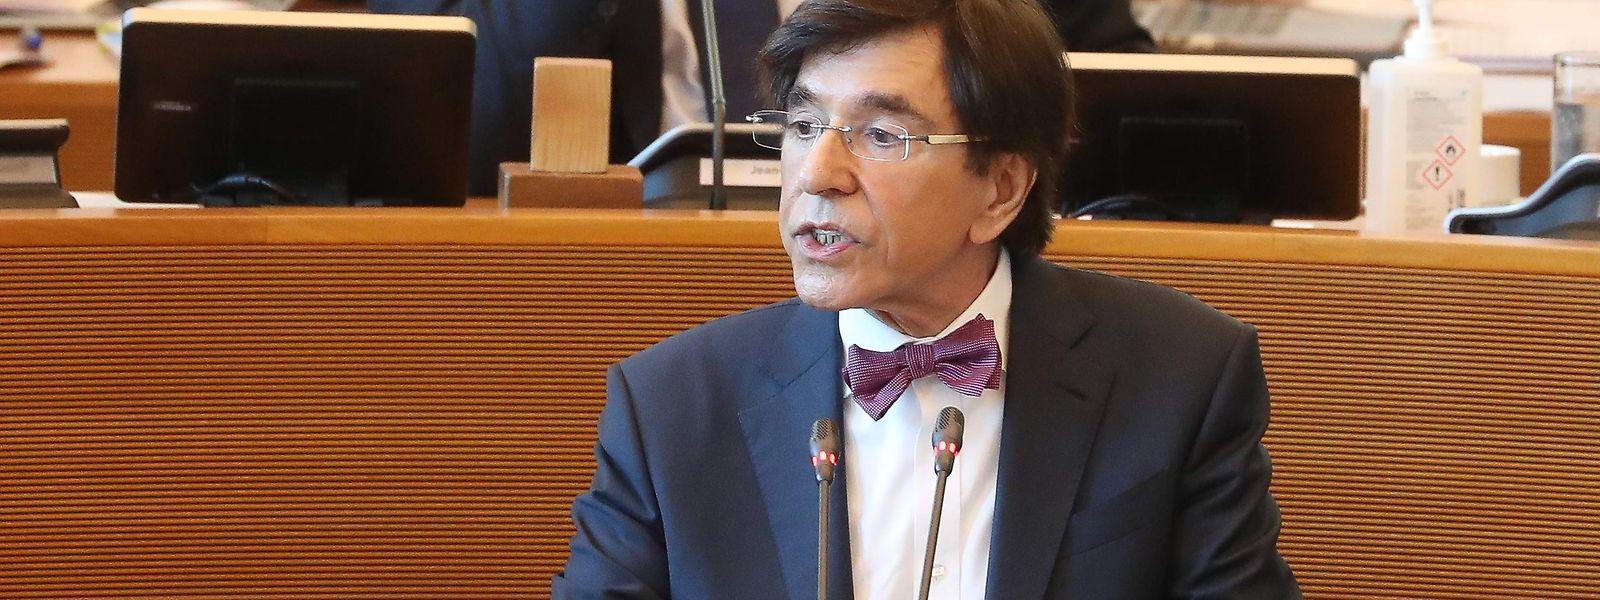 Le ministre-président Elio Di Rupo jette un regard lucide sur la situation de la Wallonie. Les taxes rentrent beaucoup moins dans les caisses qu'espérées.